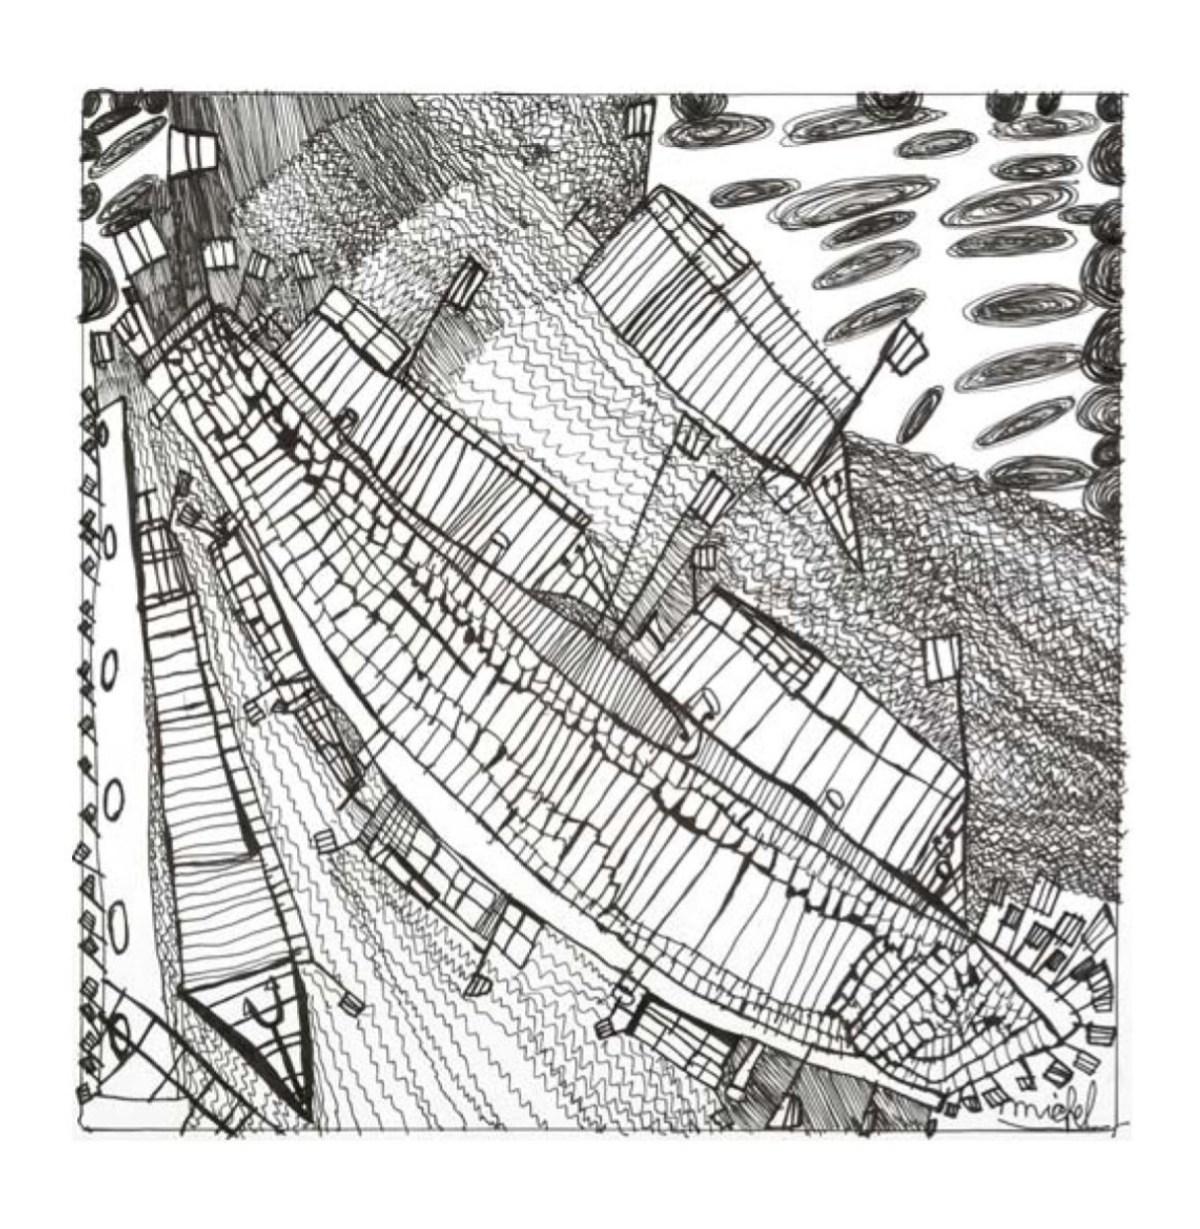 PETINIOT : Sans titre (Port de Liège) (2008, Artothèque, Lg)